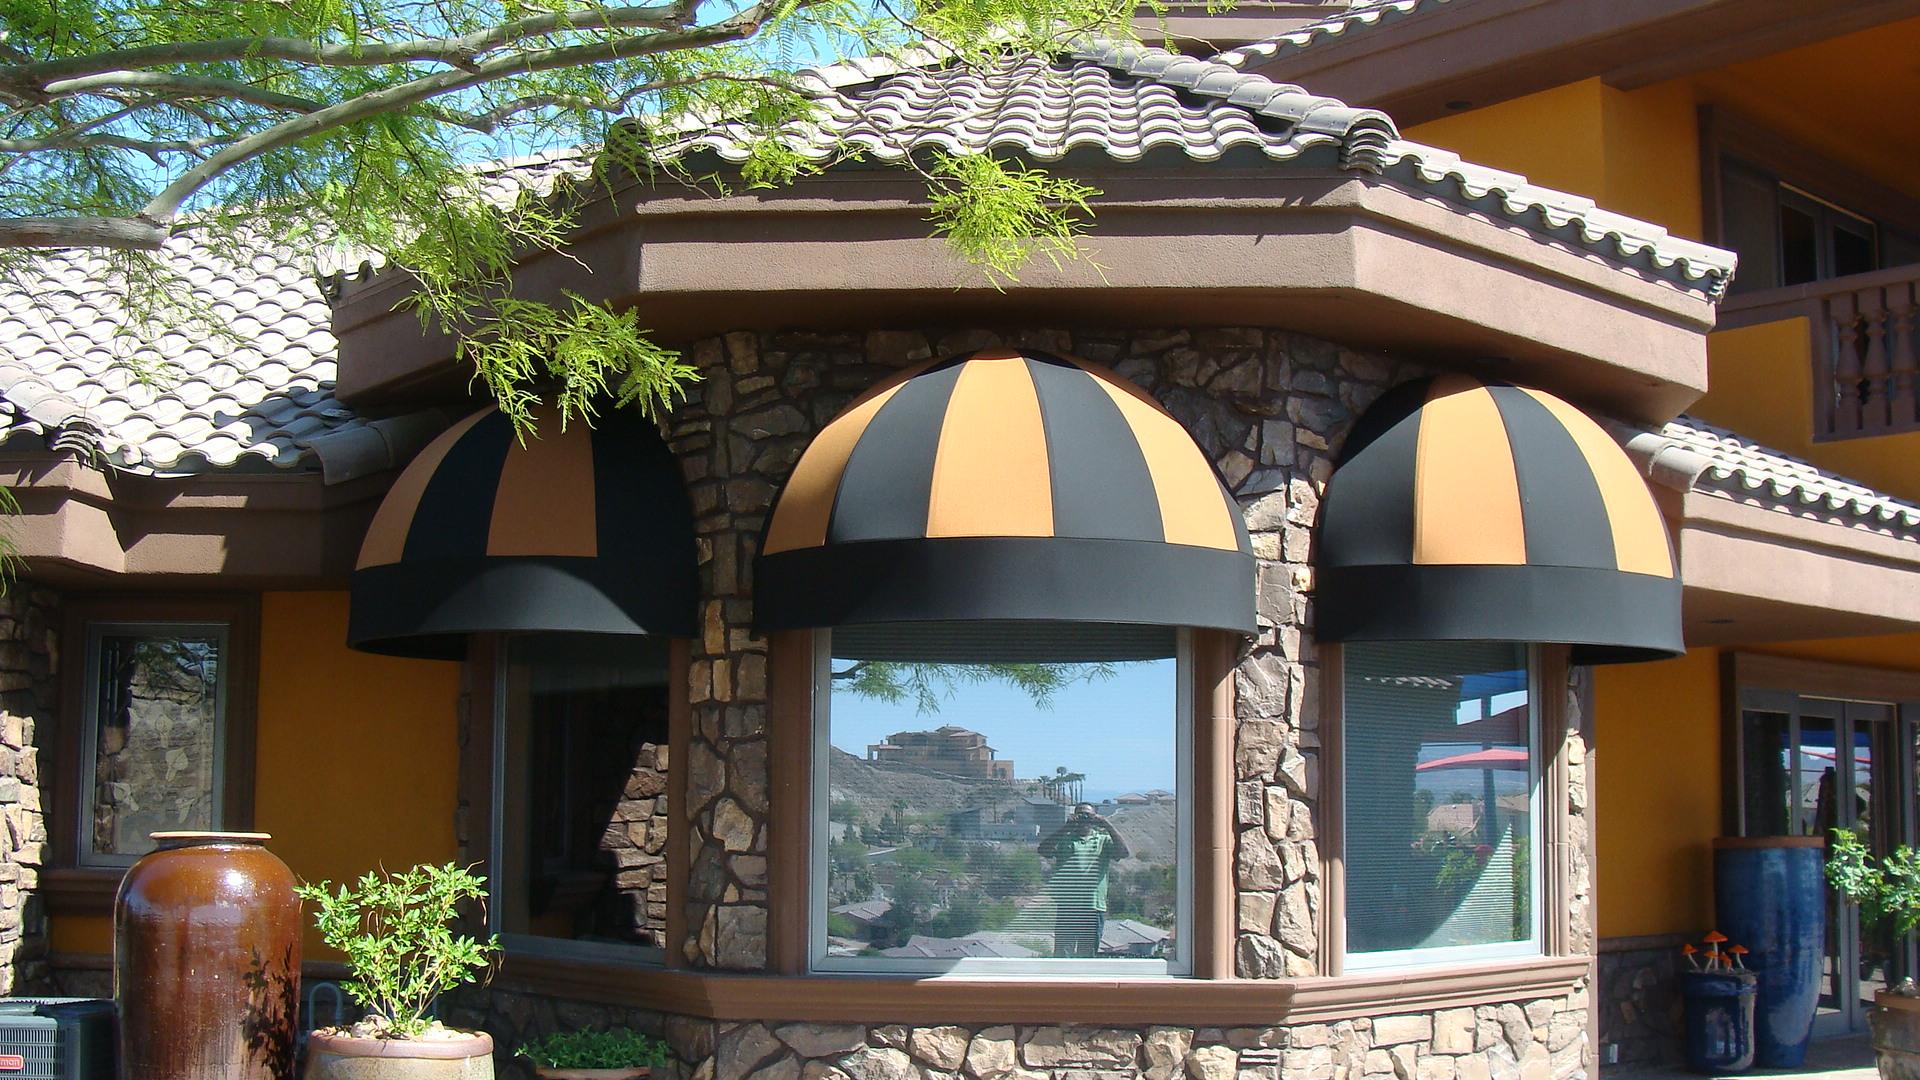 Custom Window Awnings by Metro Awnings & Iron of Las Vegas